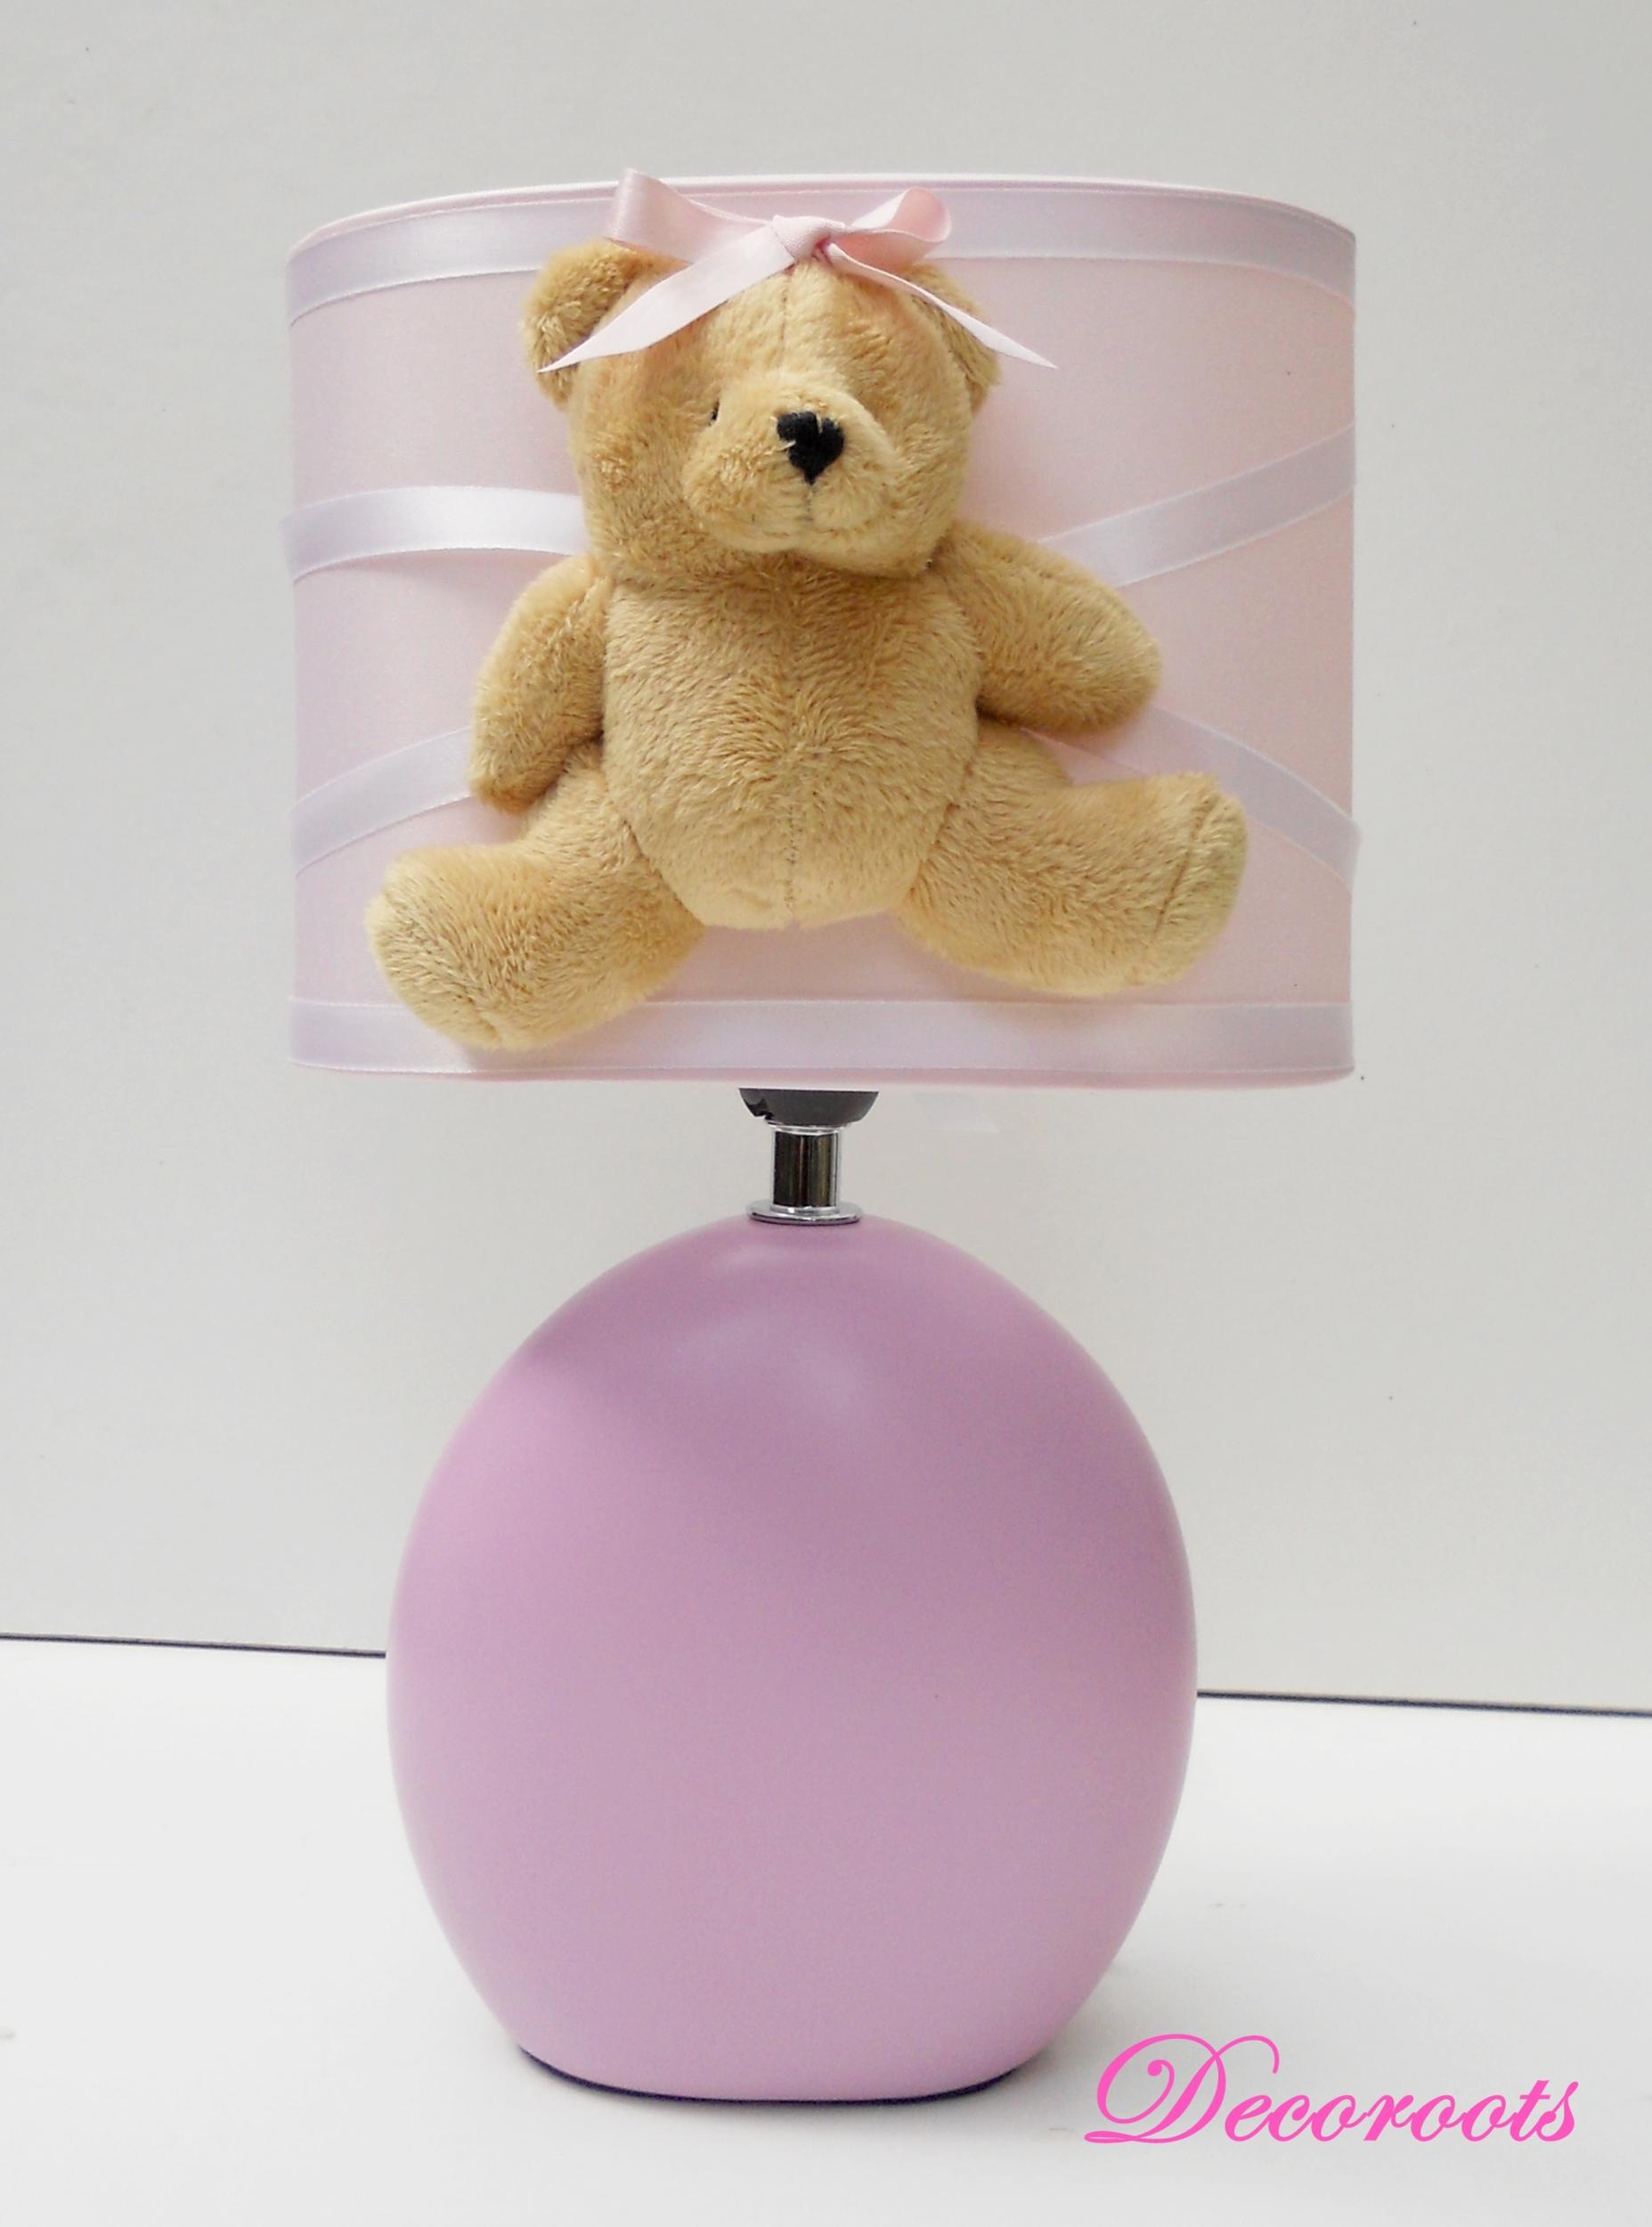 lampe de chevet fille ours rose et beige enfant b b luminaire enfant b b decoroots. Black Bedroom Furniture Sets. Home Design Ideas